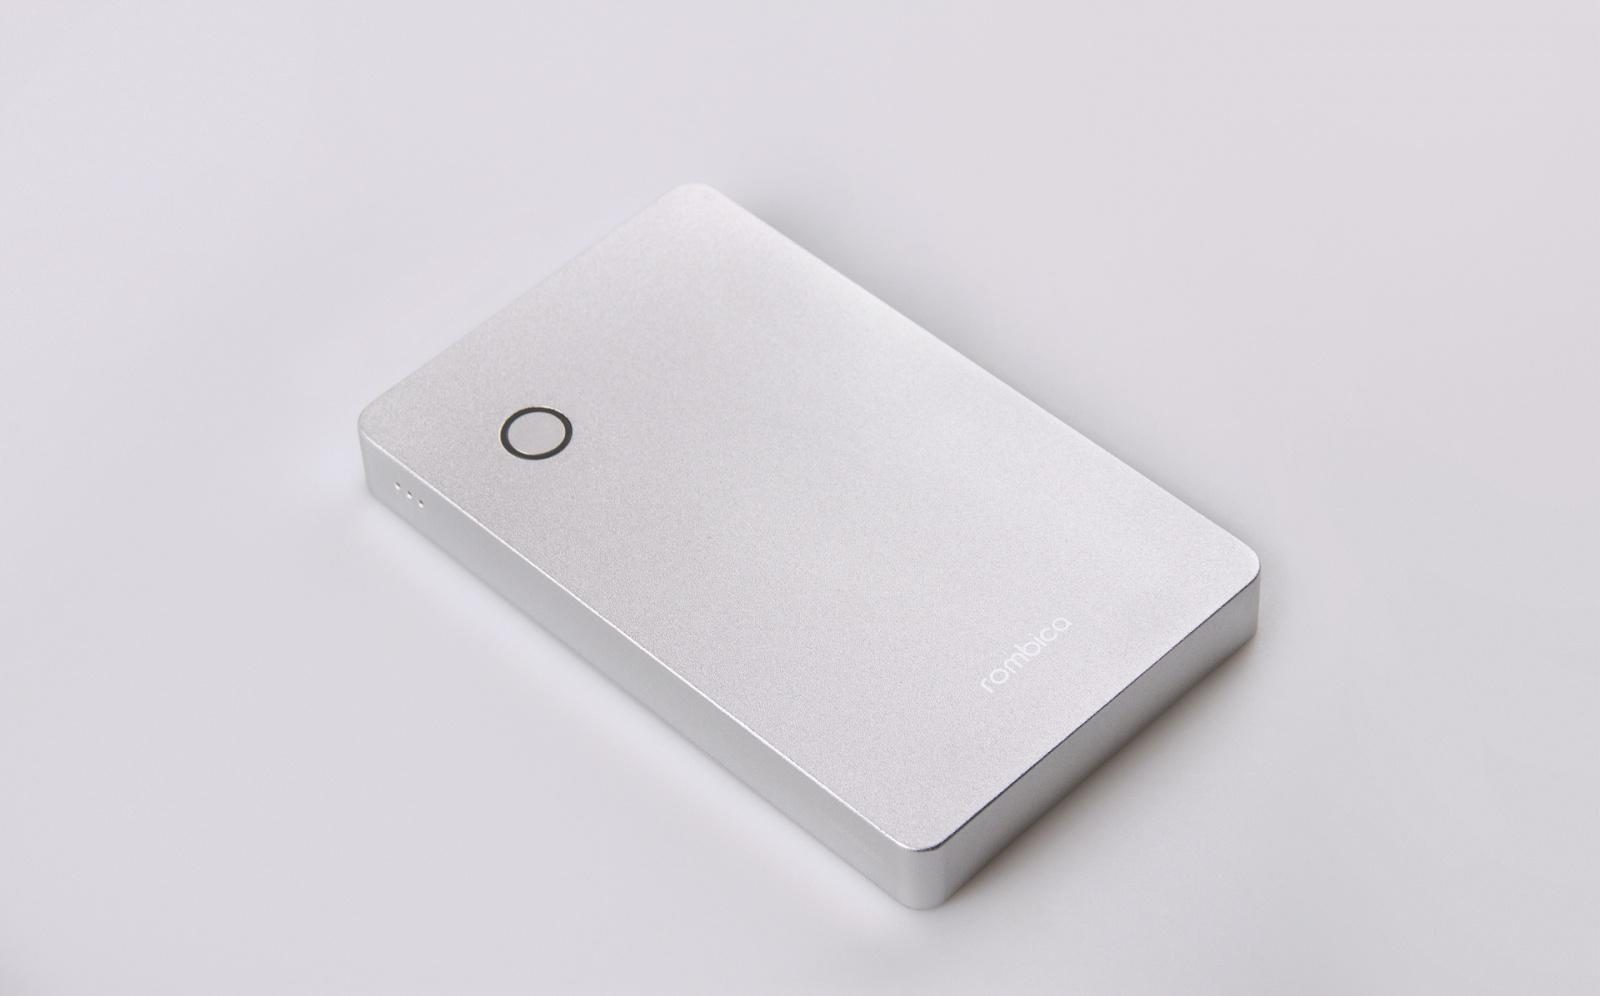 Зарядные устройства Rombica обеспечат энергией все — от нотбуков до коптеров - 7